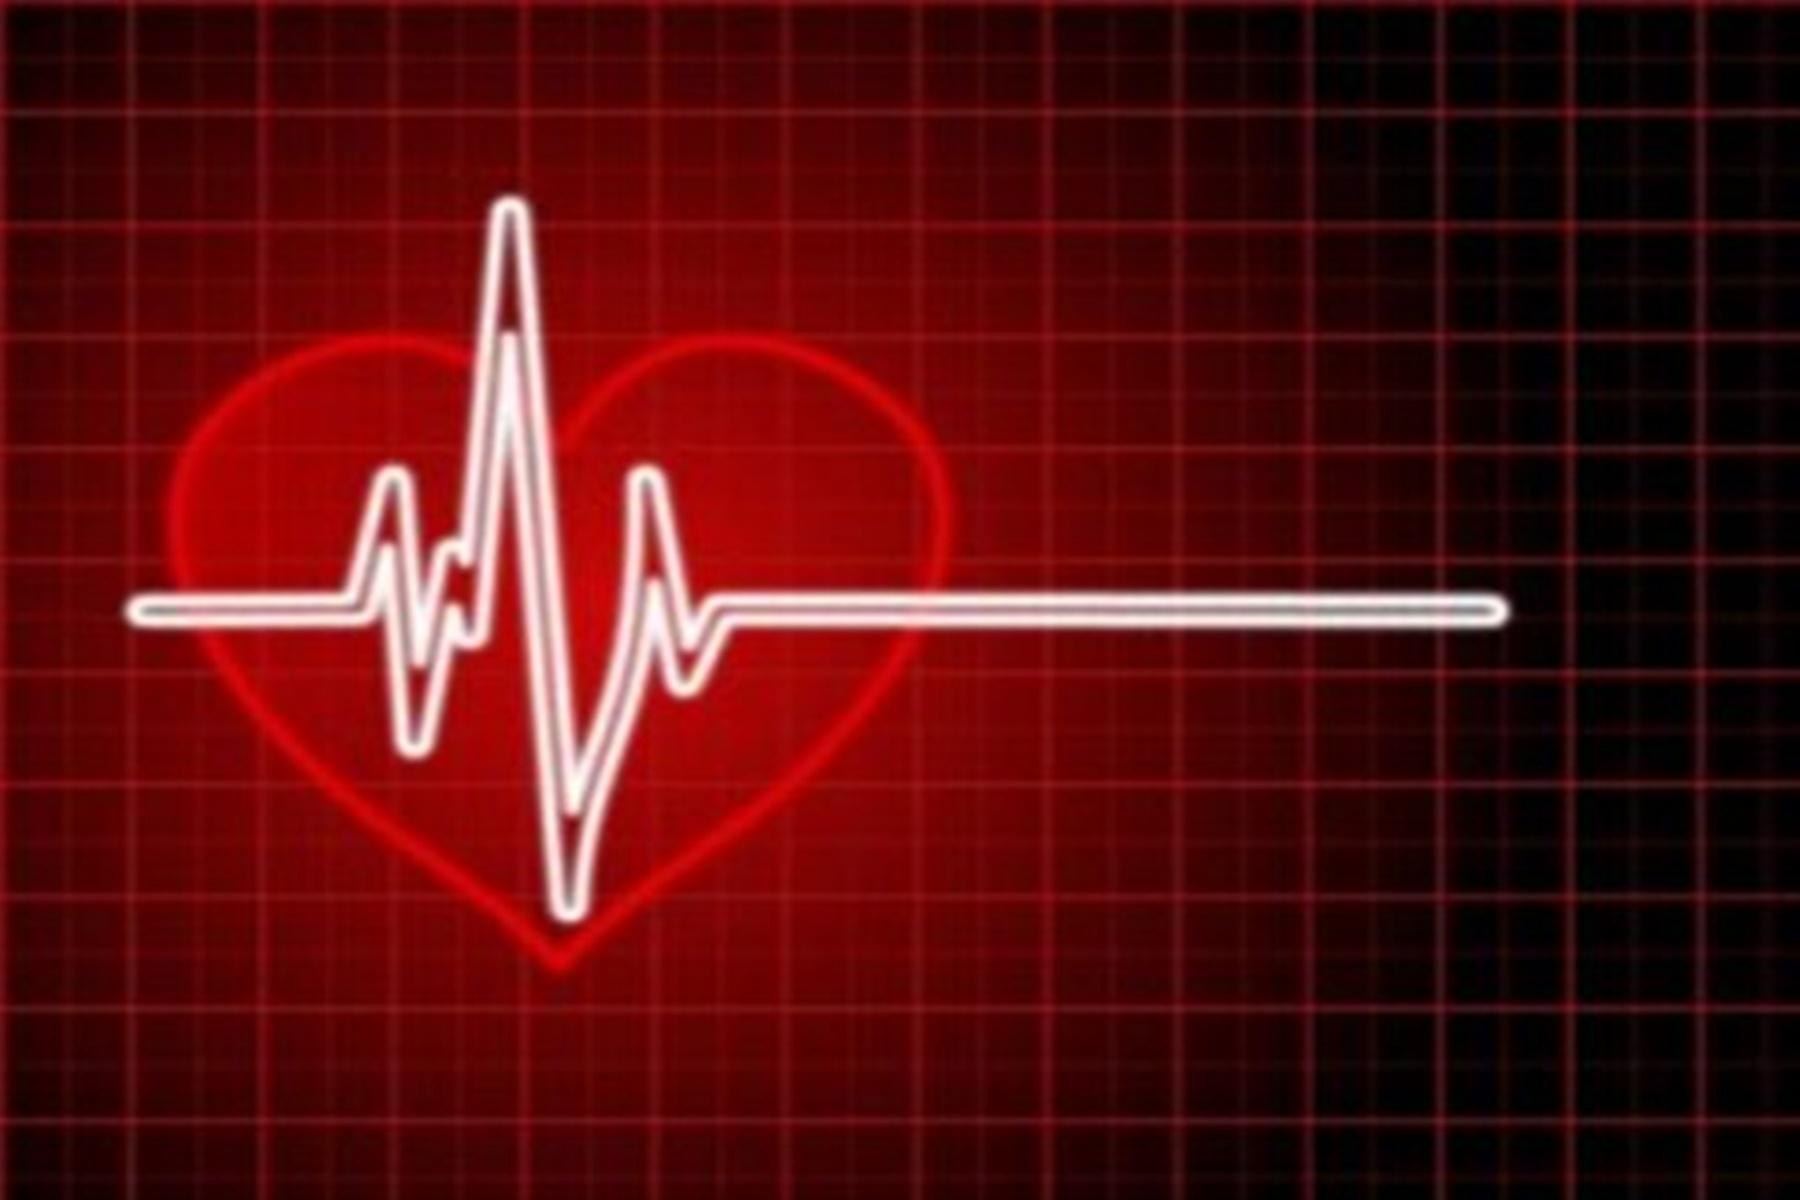 Κορωνοϊός : Πως σχετίζεται με τις καρδιακές αρρυθμίες